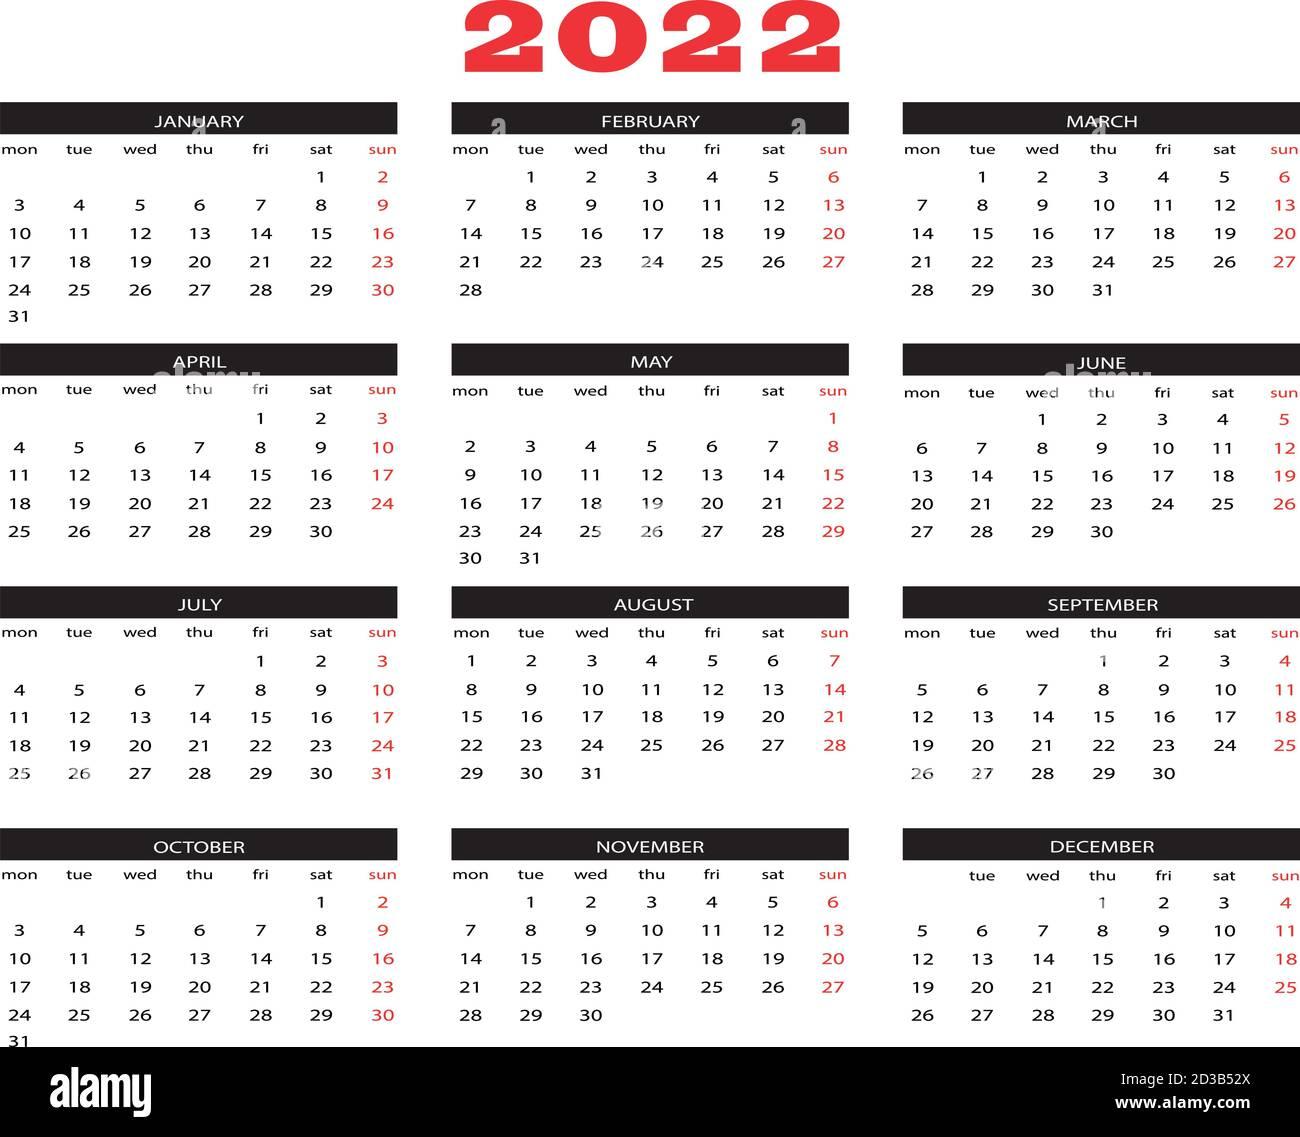 Calendar Year 2022.Calendar Year 2022 Stock Vector Image Art Alamy